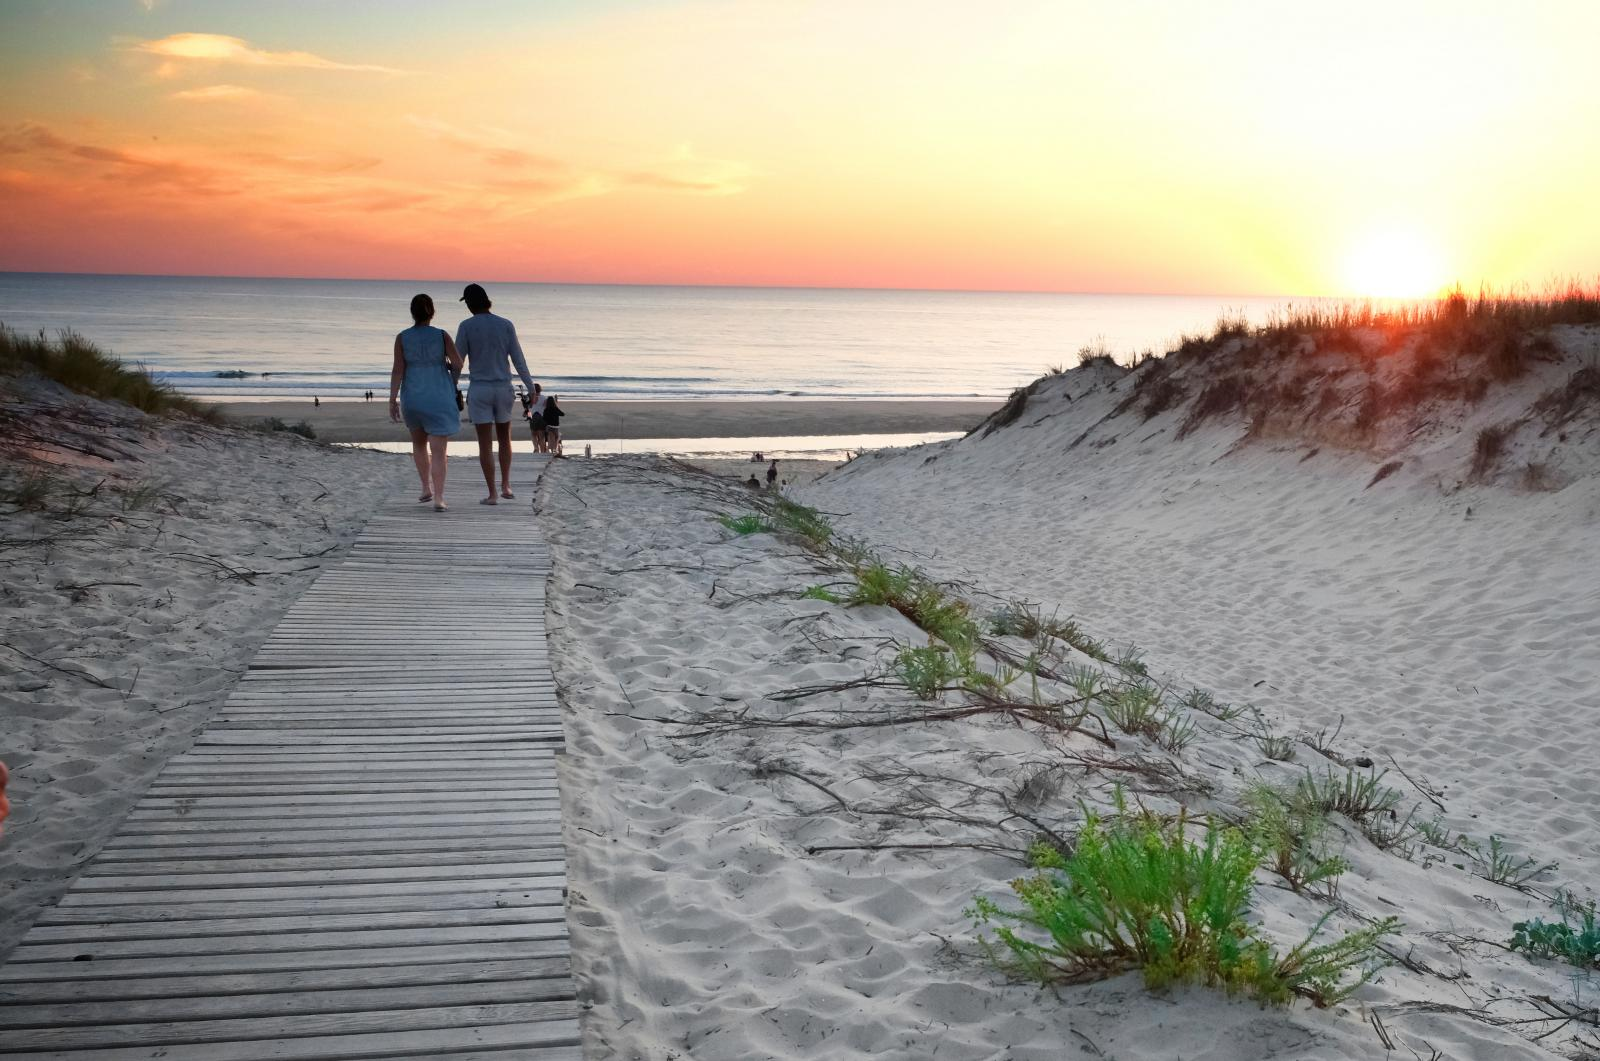 Framåt kvällen rekommenderas en tur ner till stranden för att se solen gå ned.